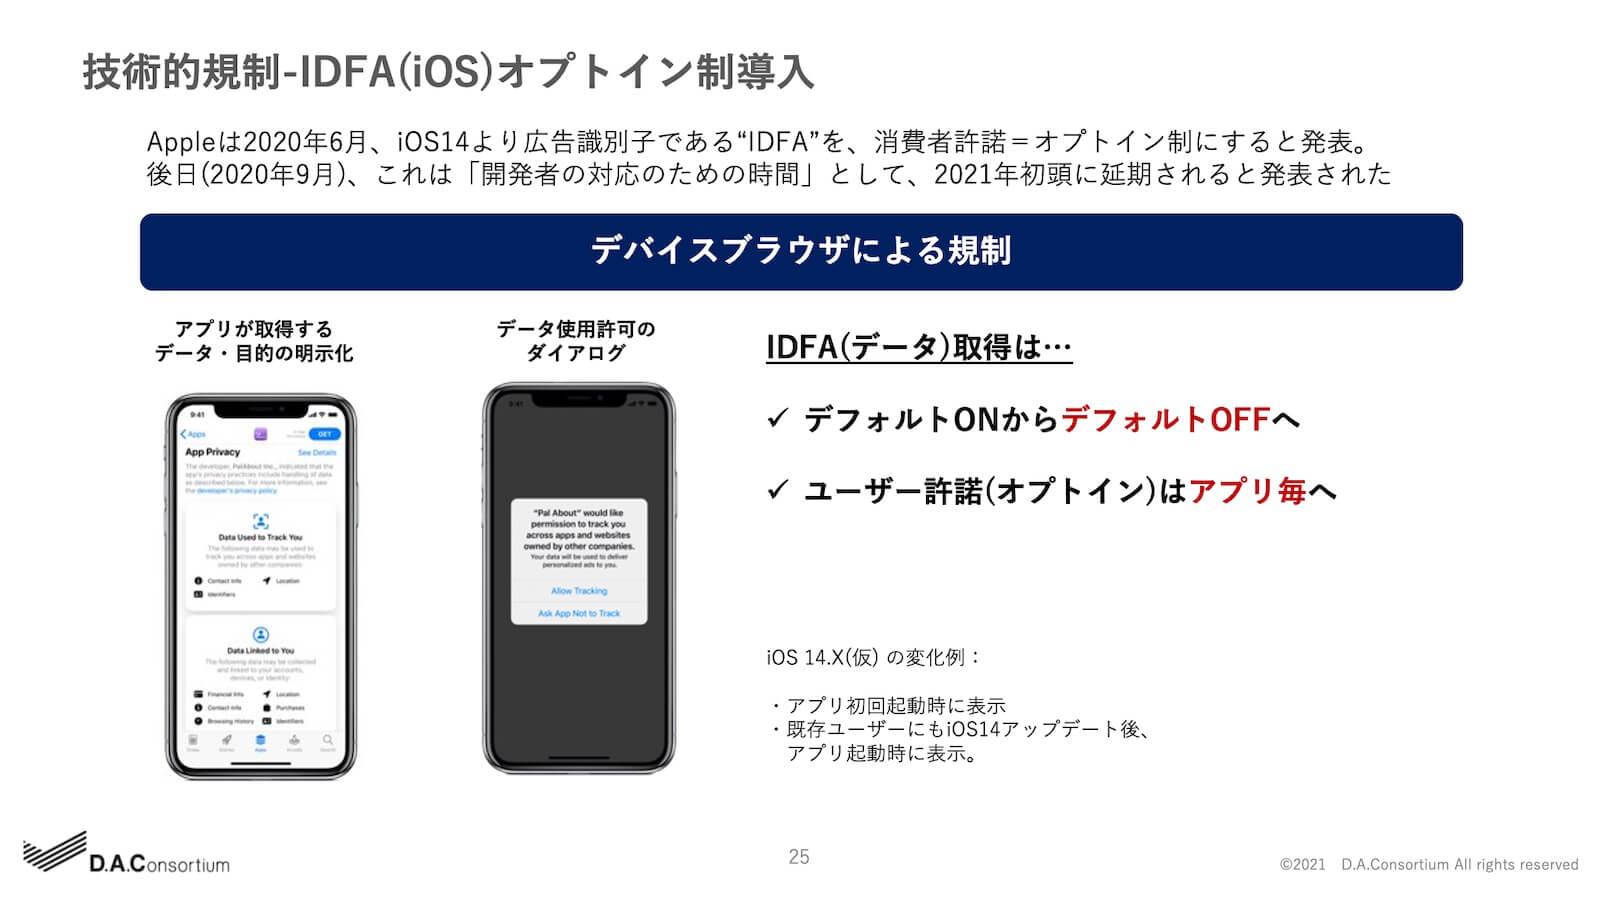 技術的規制-IDFA(iOS)オプトイン制導入